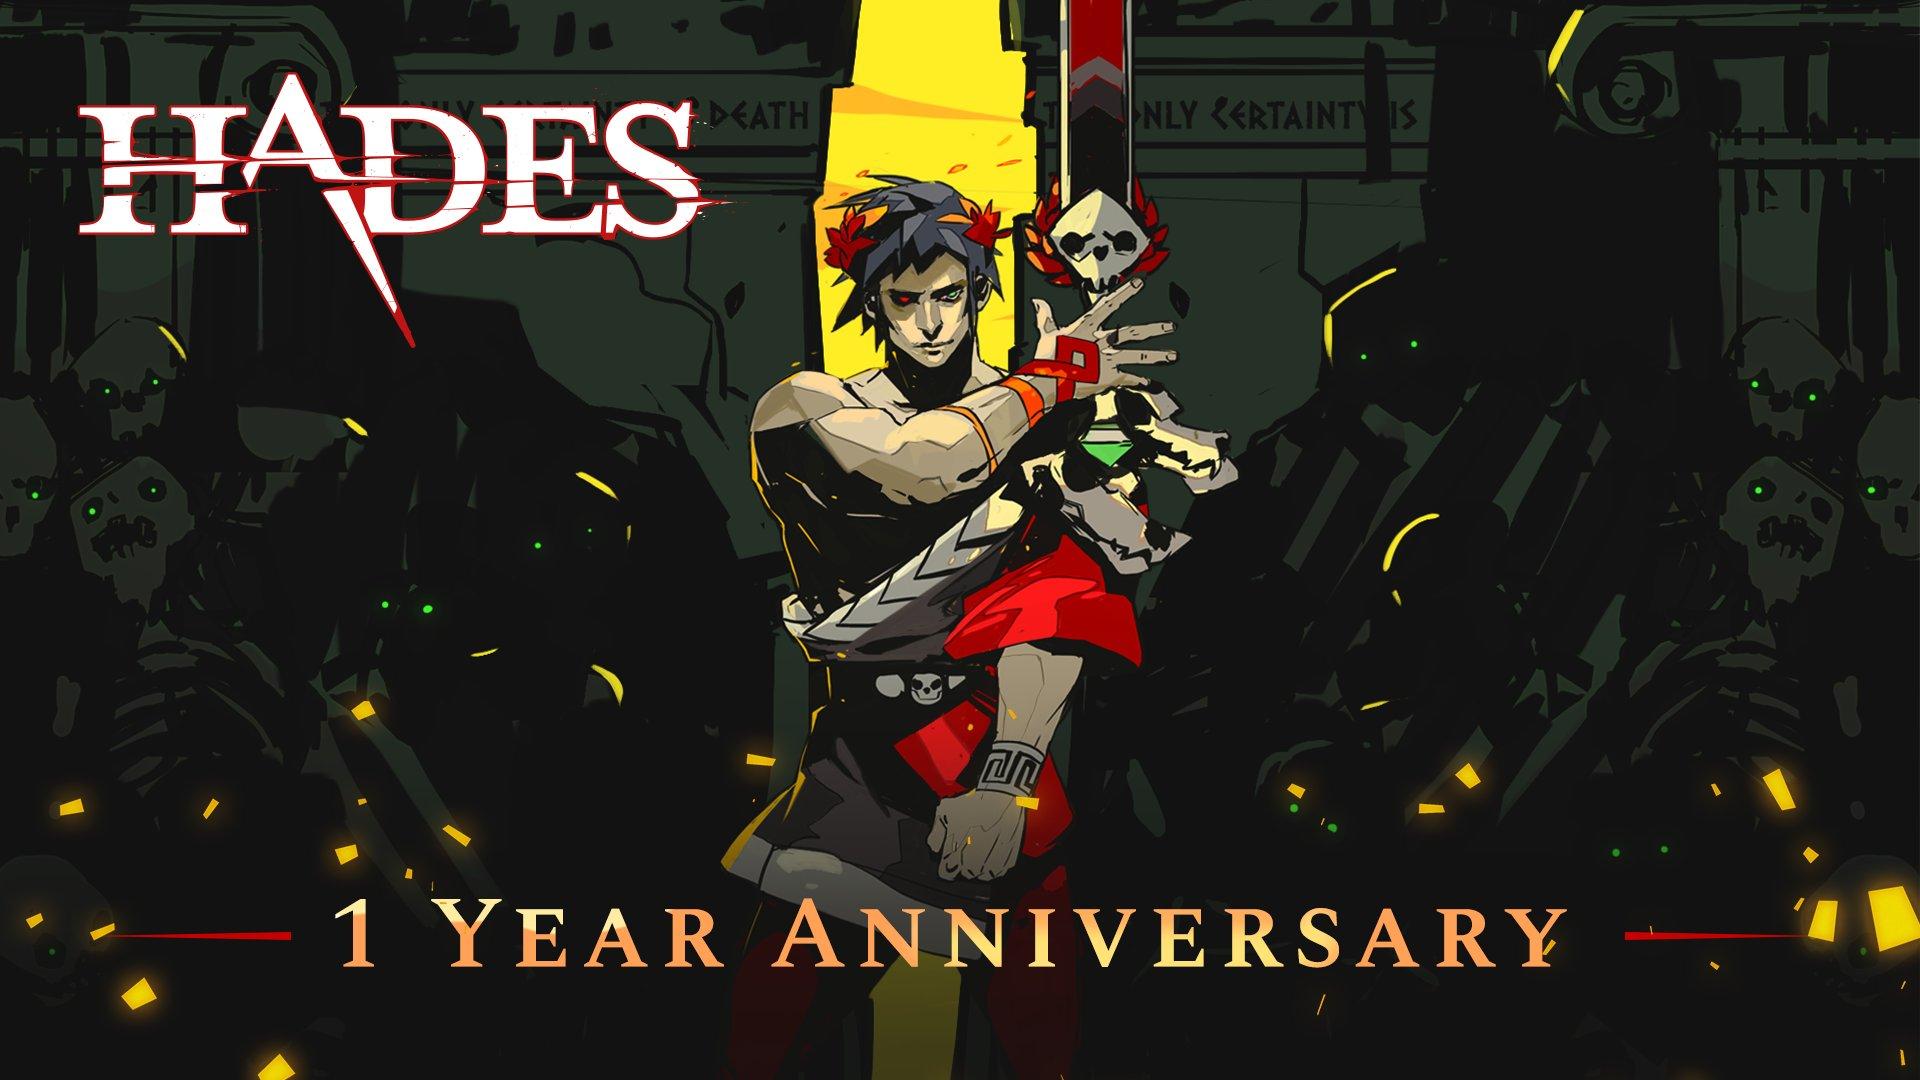 《哈迪斯》发售1周年官方贺图 男主粘土人手办即将发售